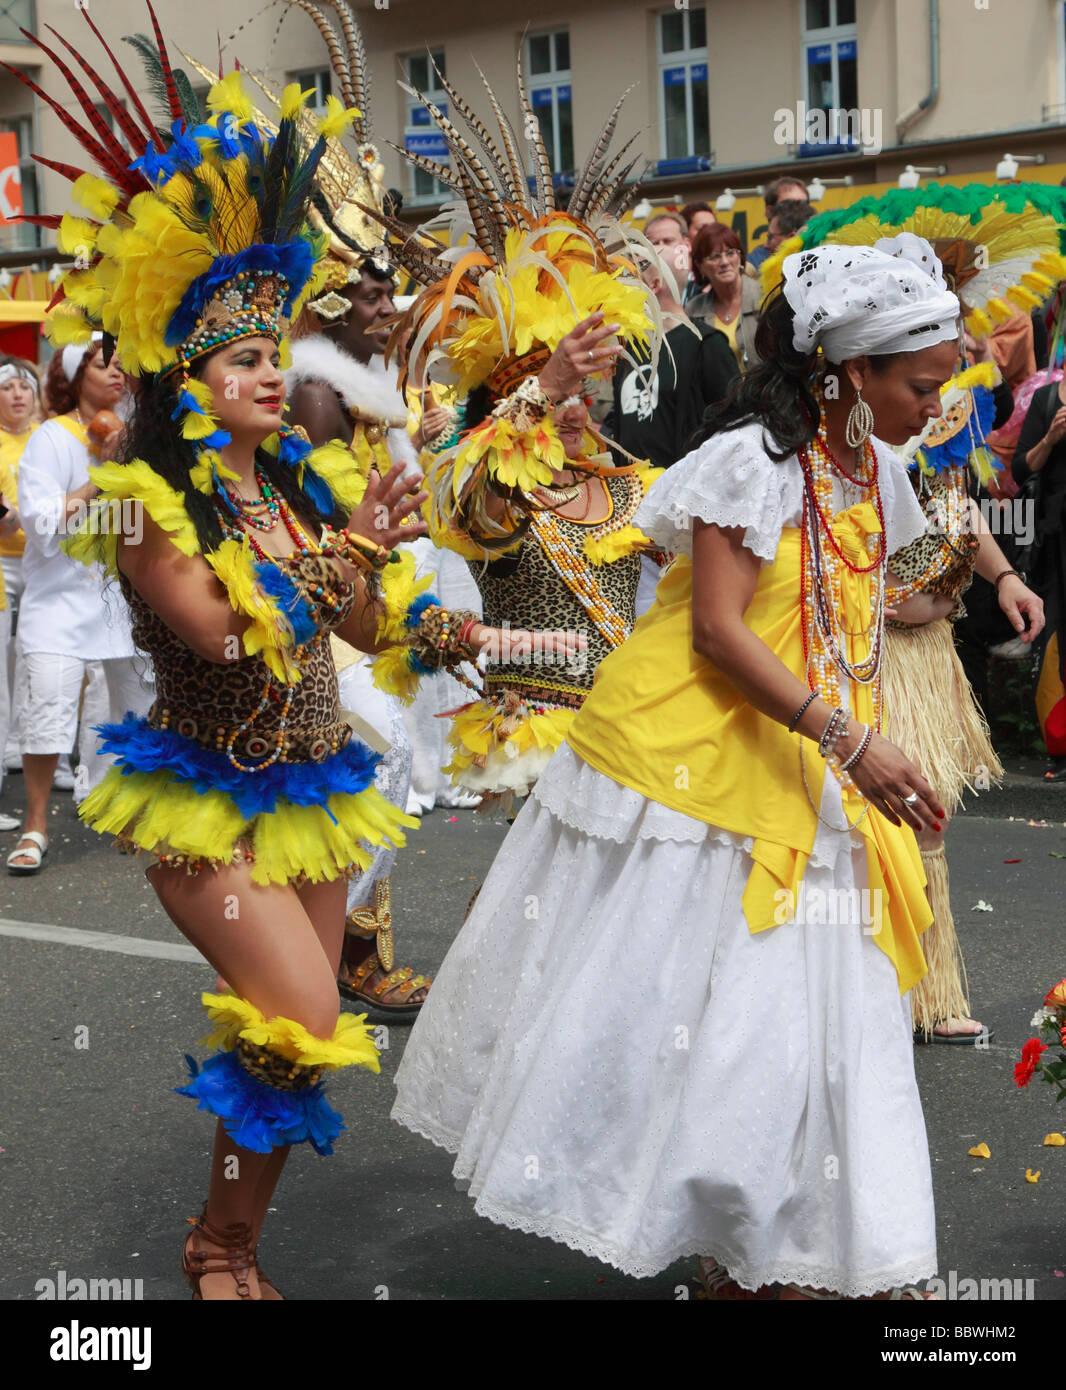 Bbw brazilians